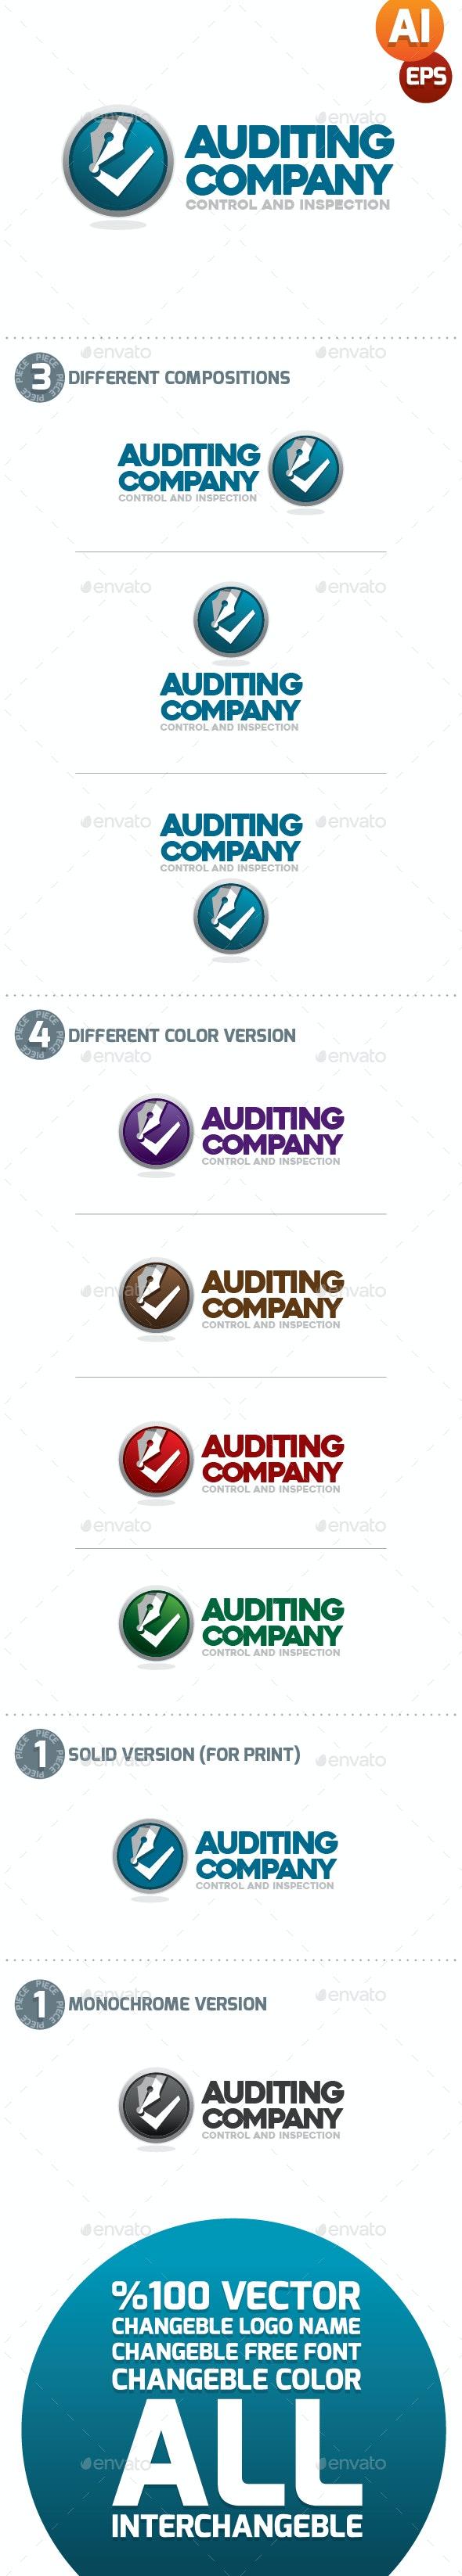 Auditing Company Logo - Company Logo Templates